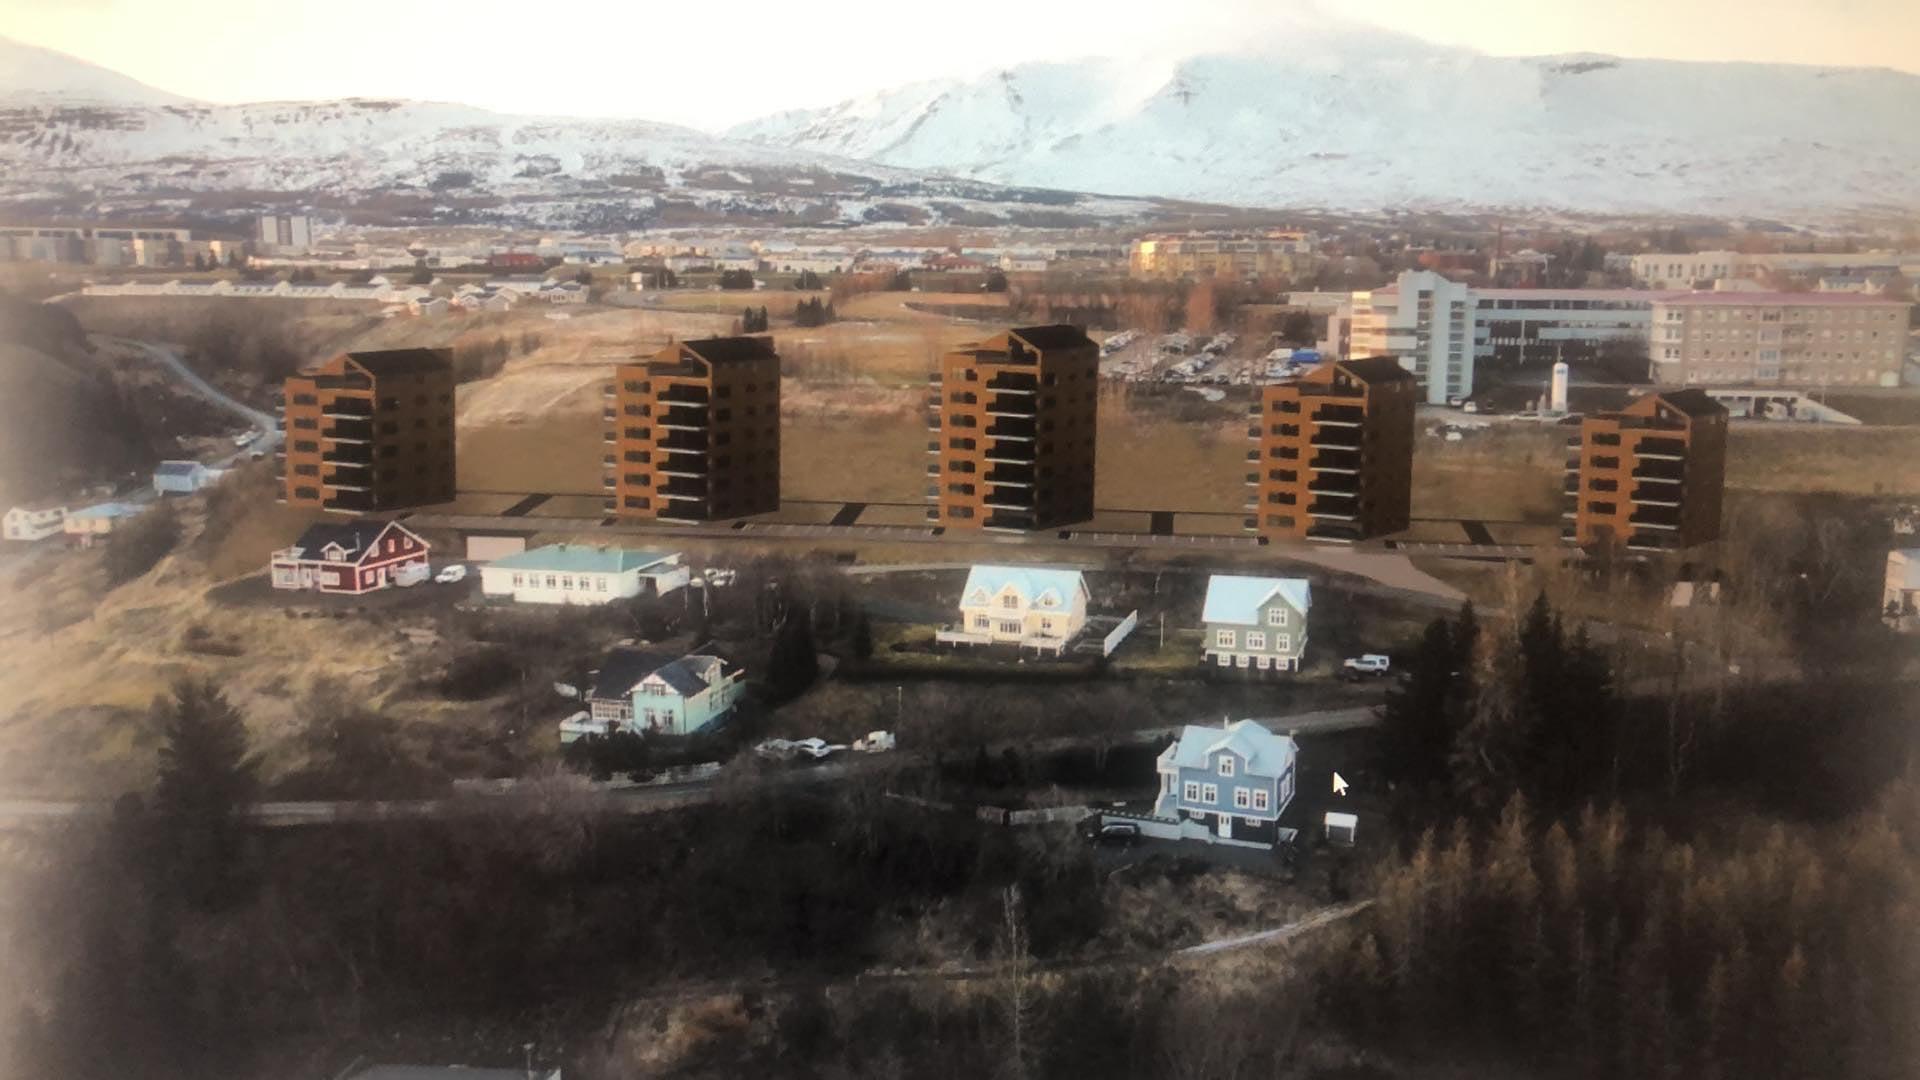 Meirihluti bæjarstjórnar Akureyrar samþykkti að úthluta SS Byggir lóðum við Tónatröð án auglýsingar